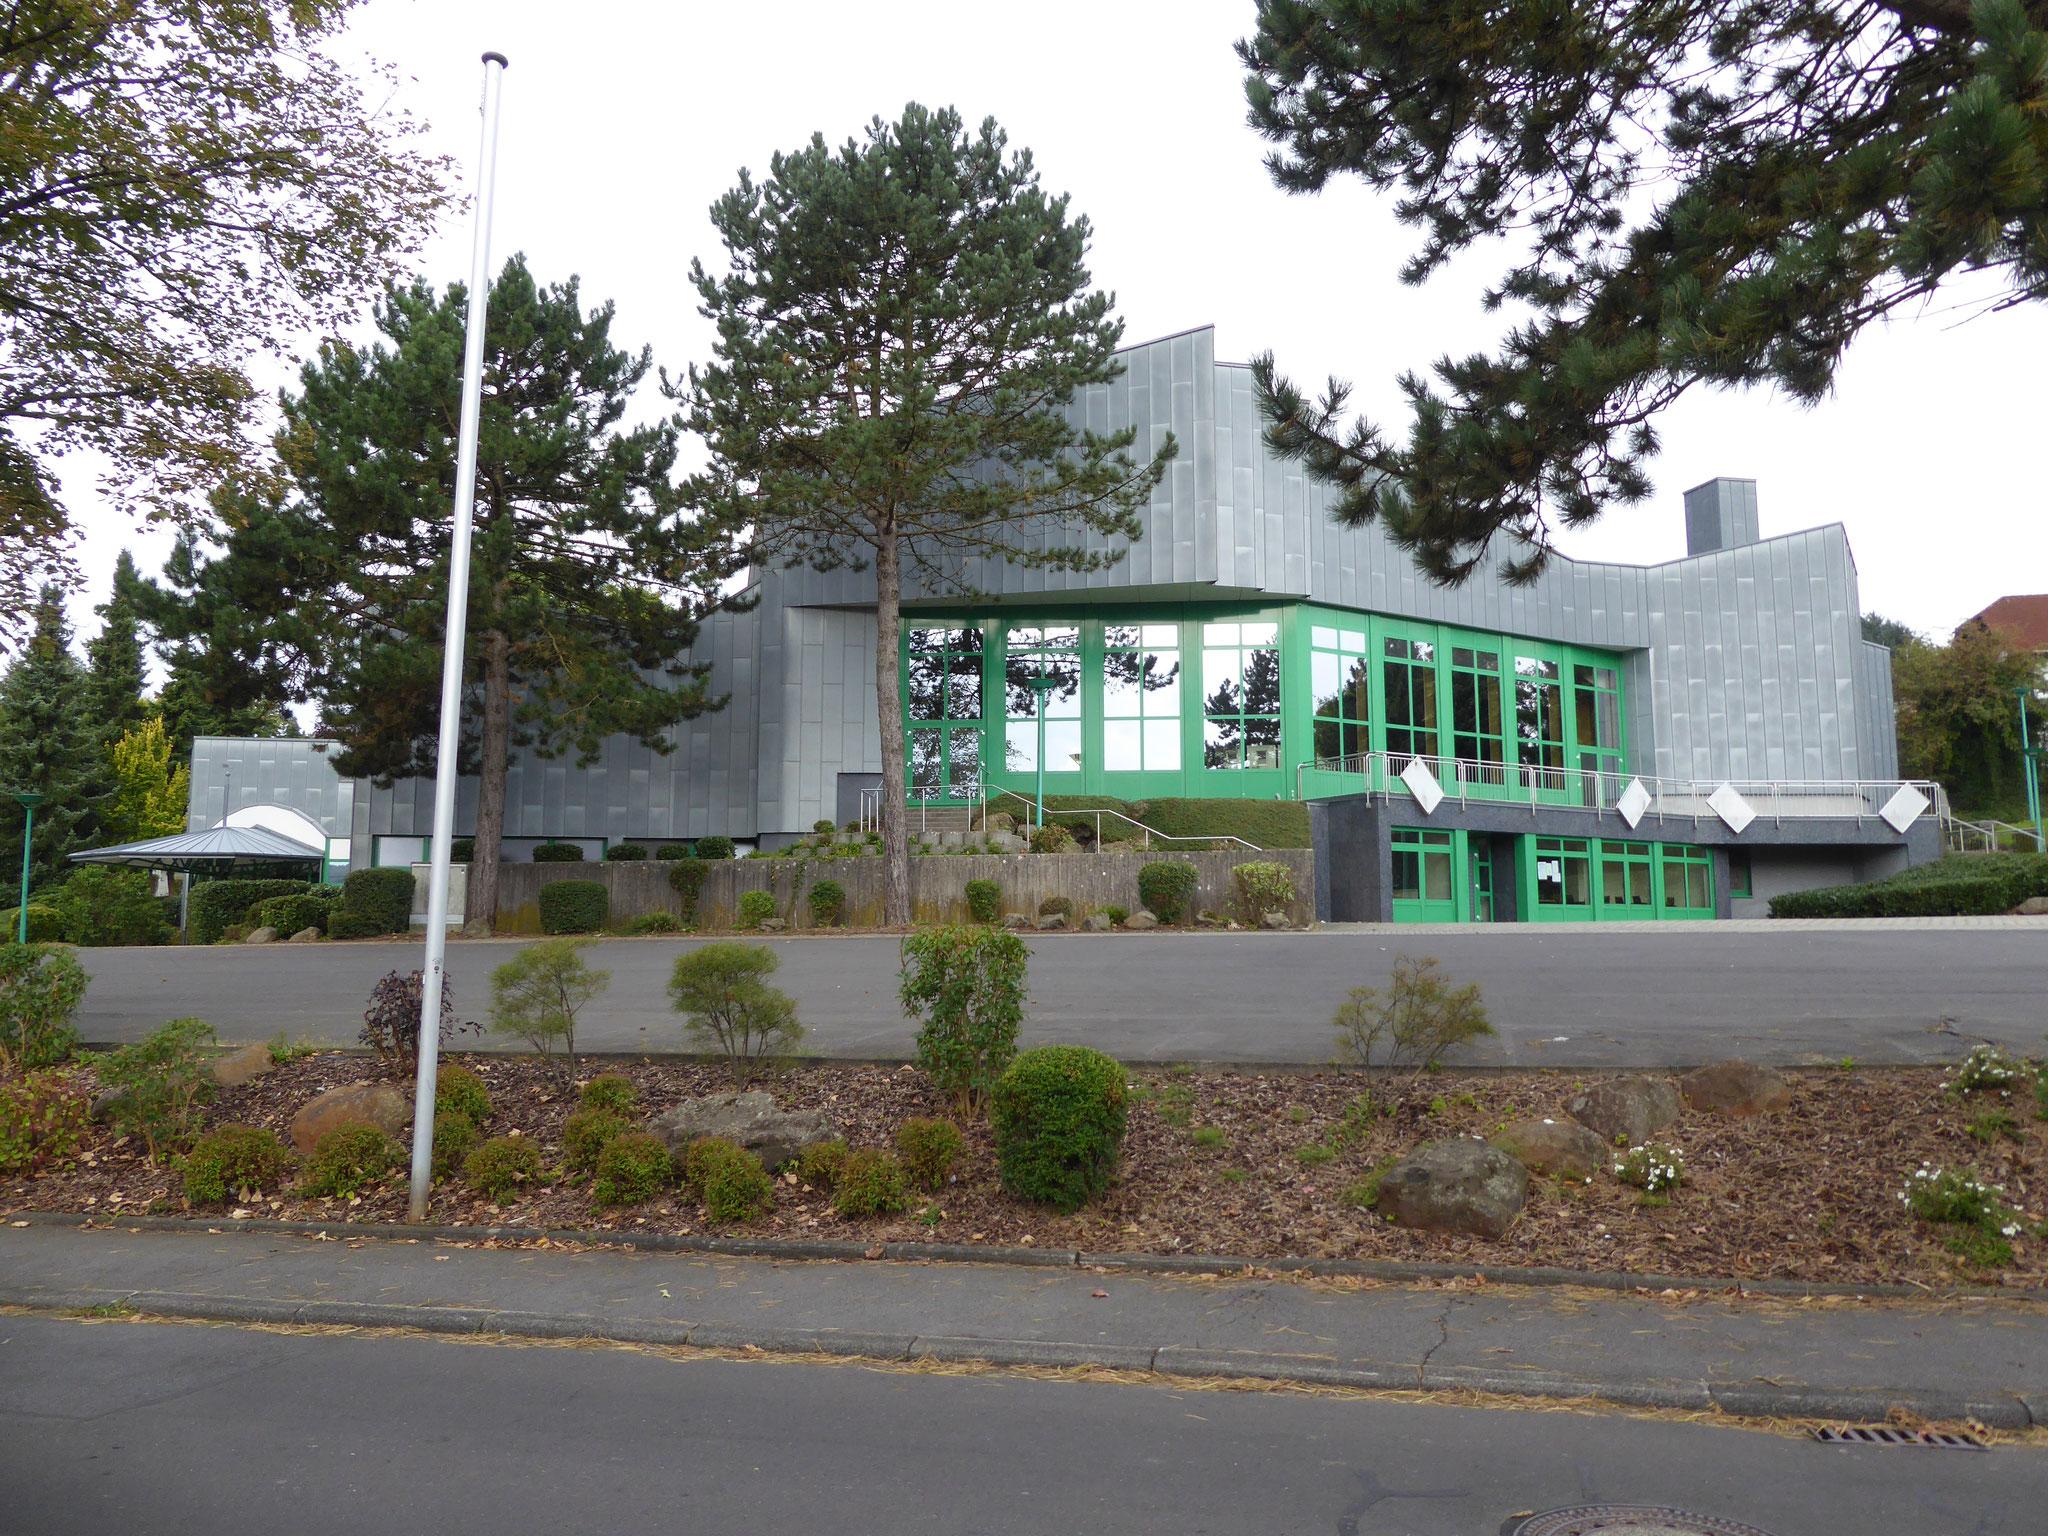 Westerwaldhalle Rennerod